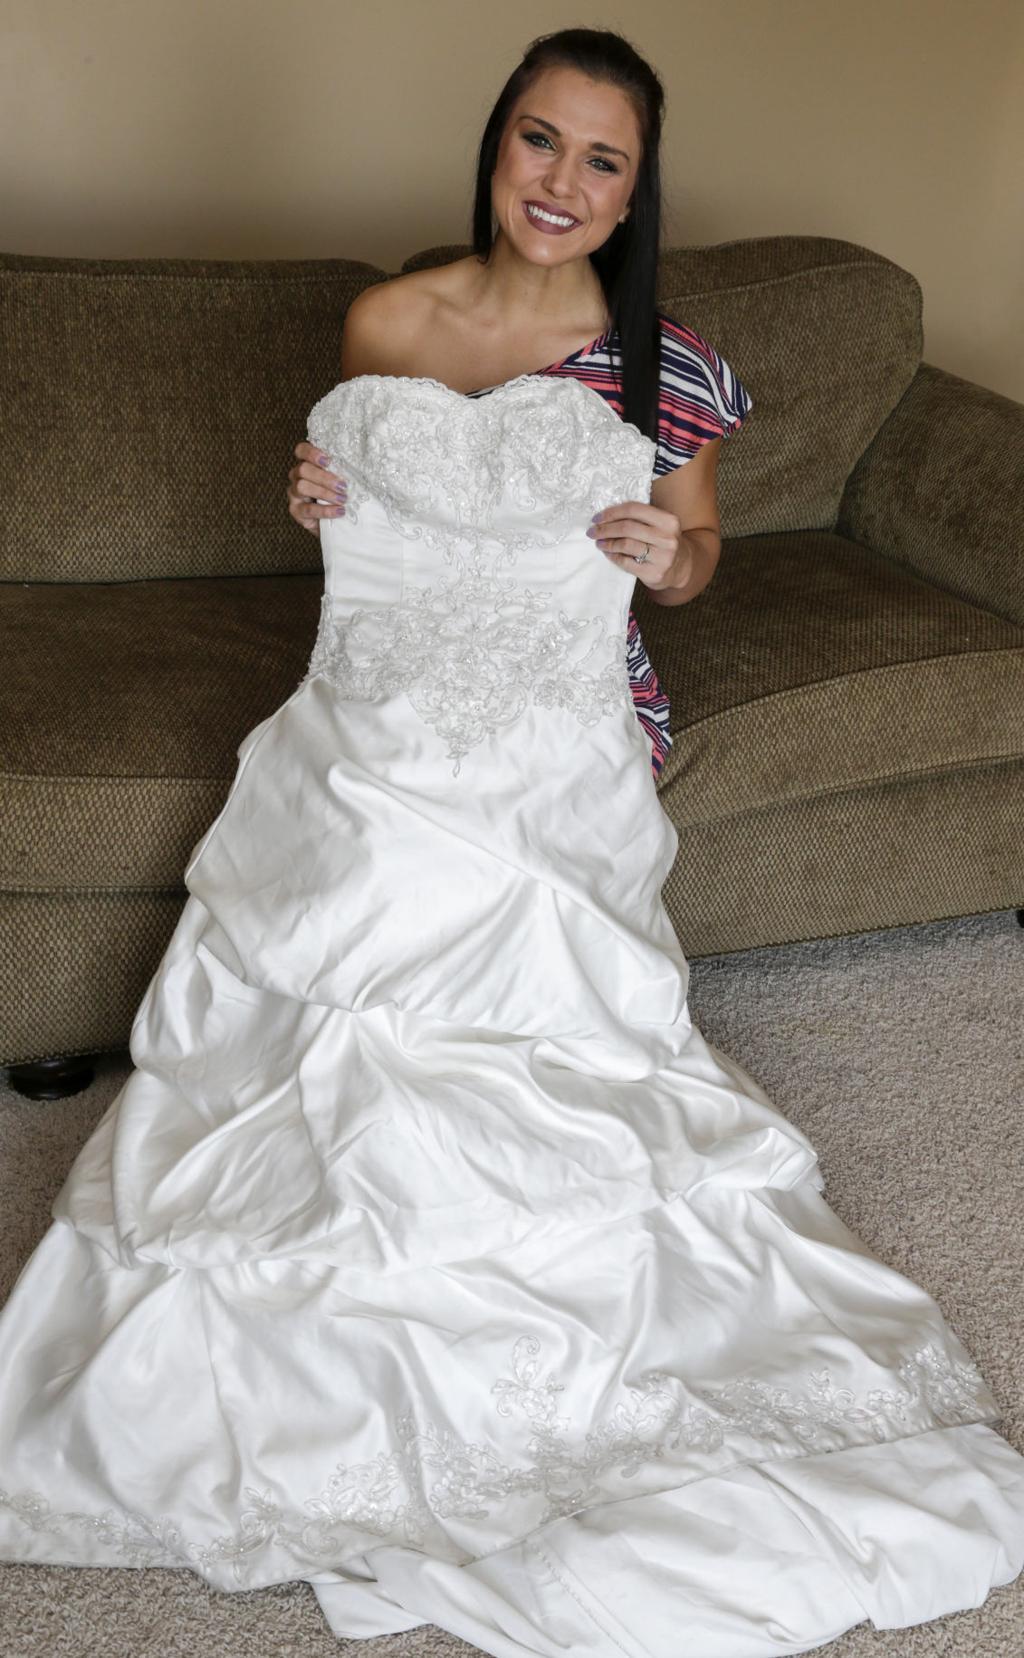 Nebraska woman lends her wedding dress to brides on a budget ...